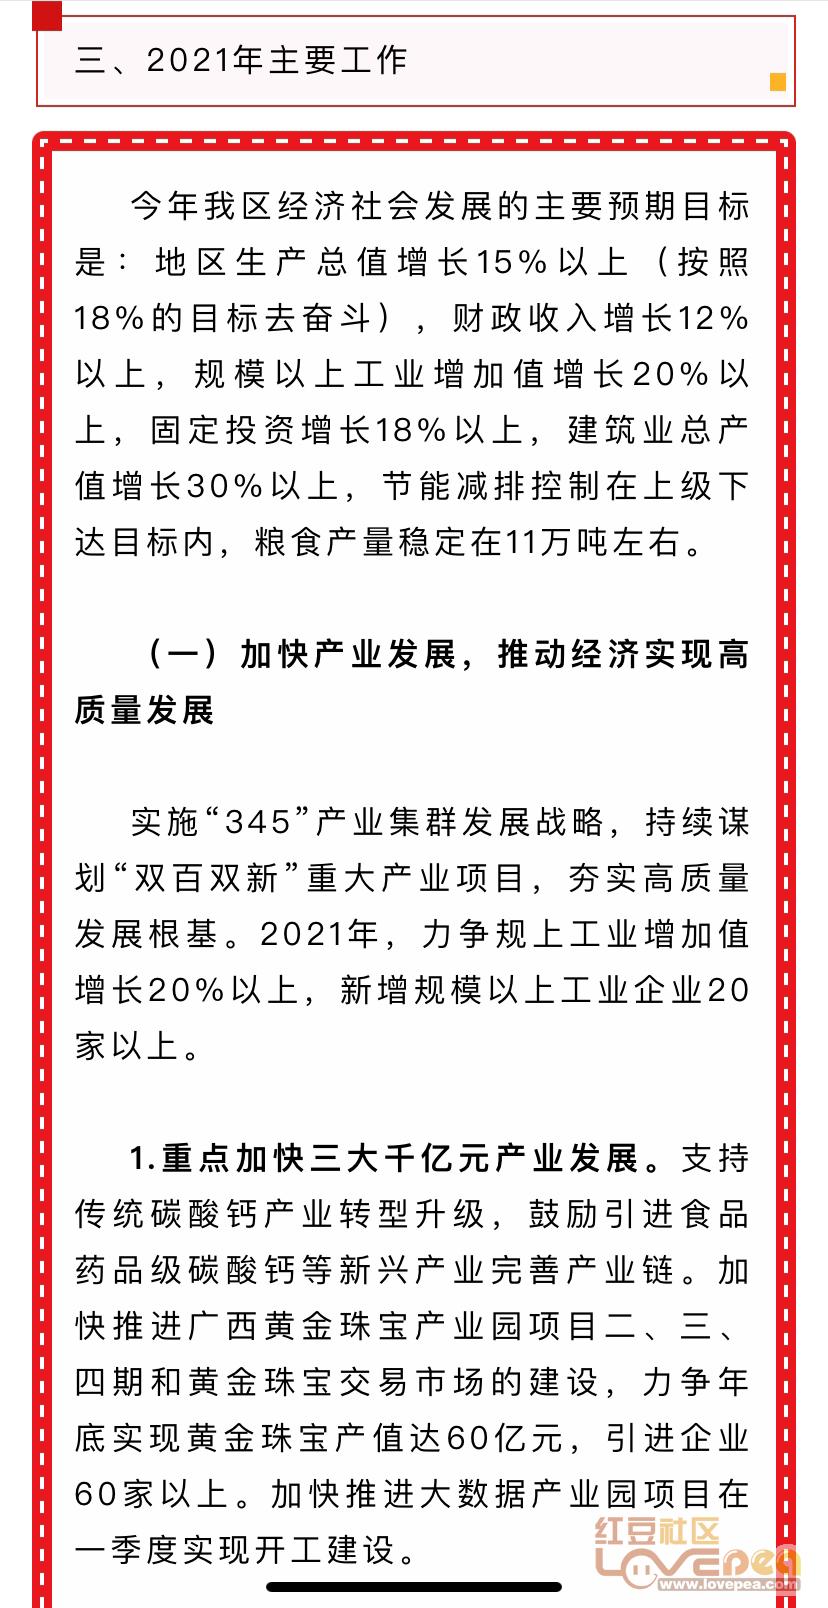 平桂区gdp2020将达到多少_平桂区2020经济增速在全广西排名第一,2021目标增长15